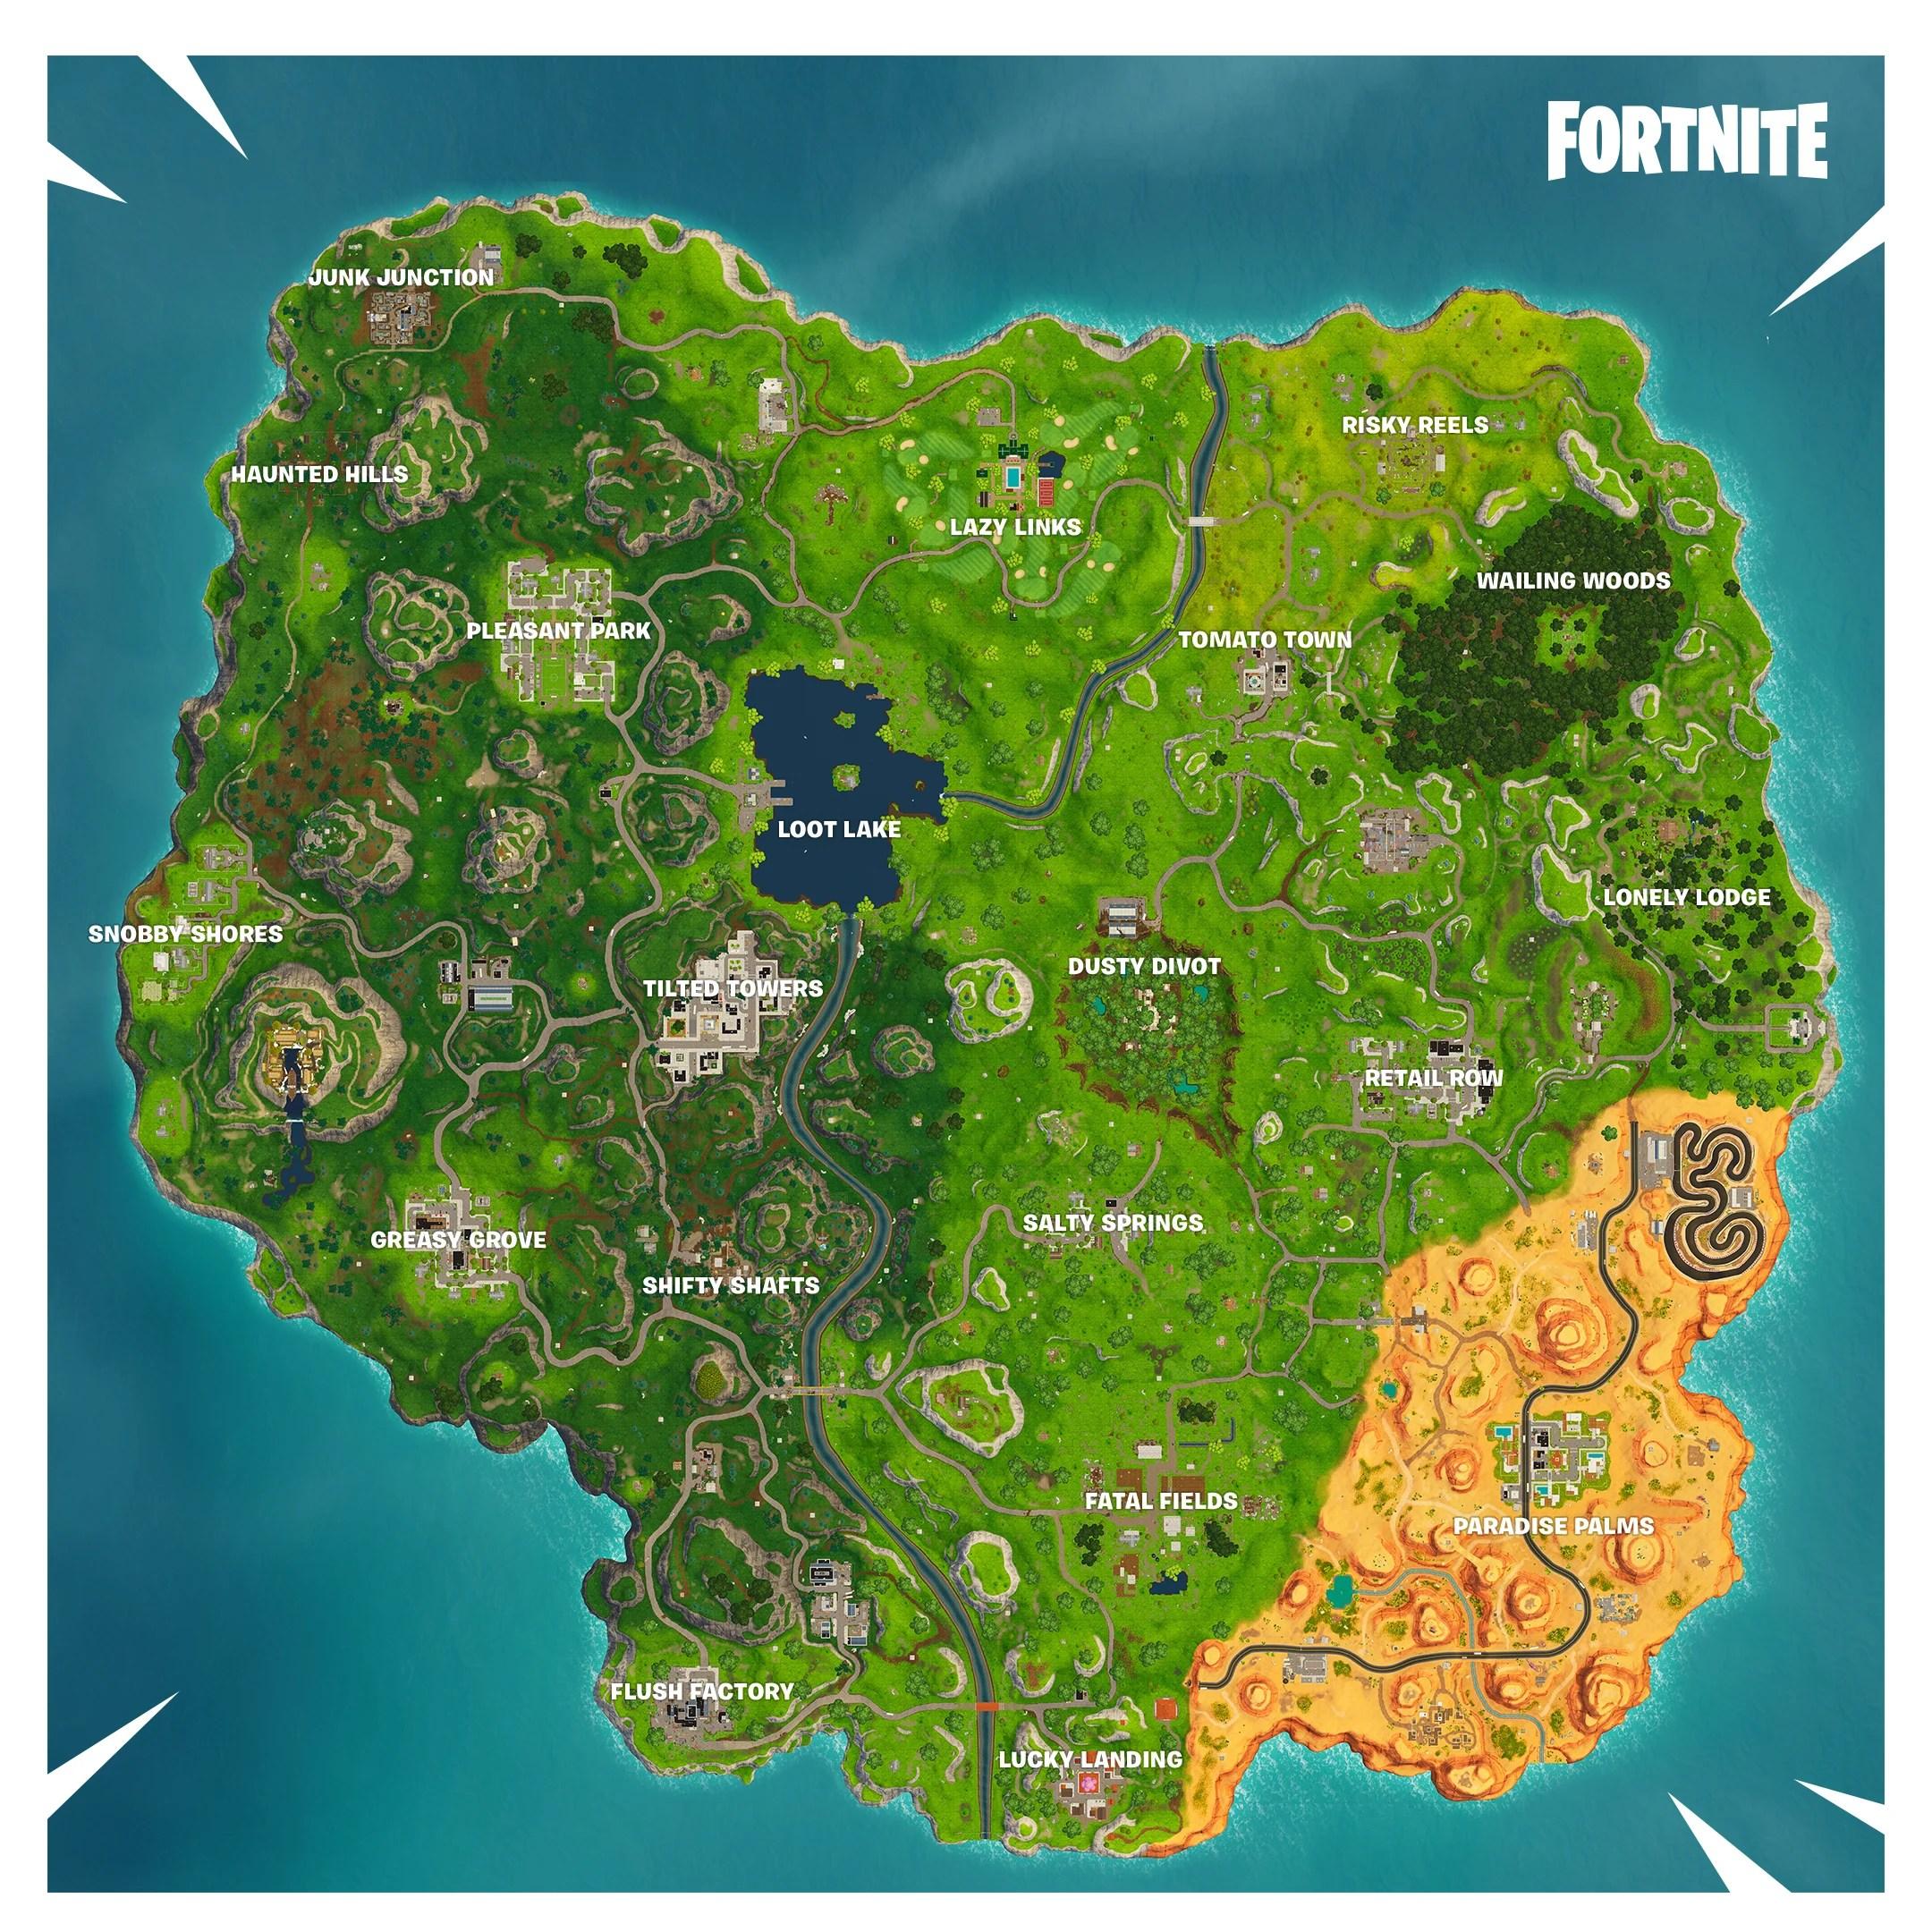 Fortnite Season 5 New Map Changes Fortnite Insider